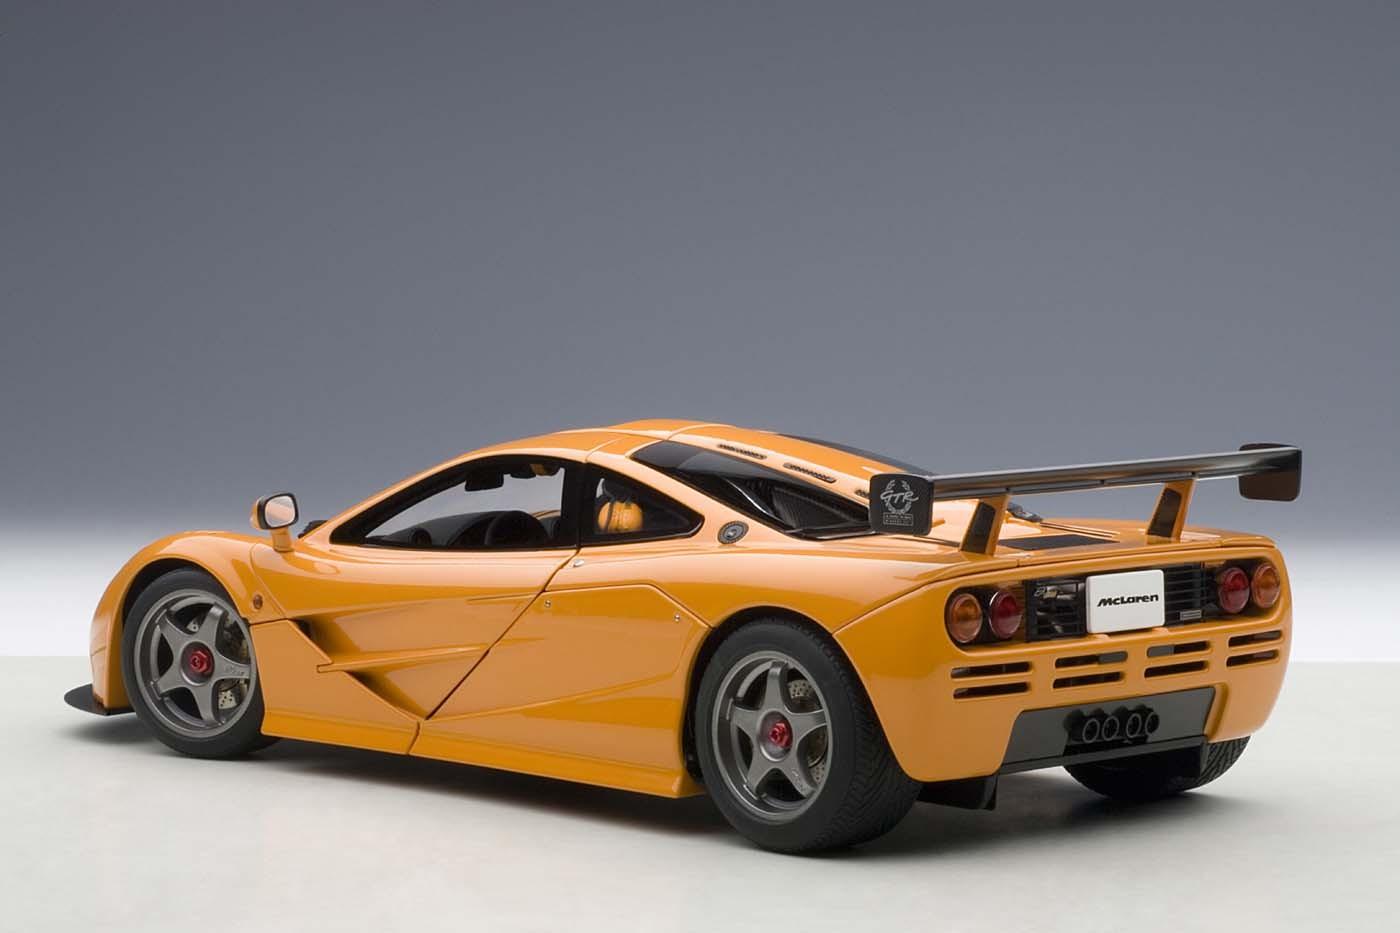 Autoart Die Cast Model Mclaren F1 Lm Edition Historic